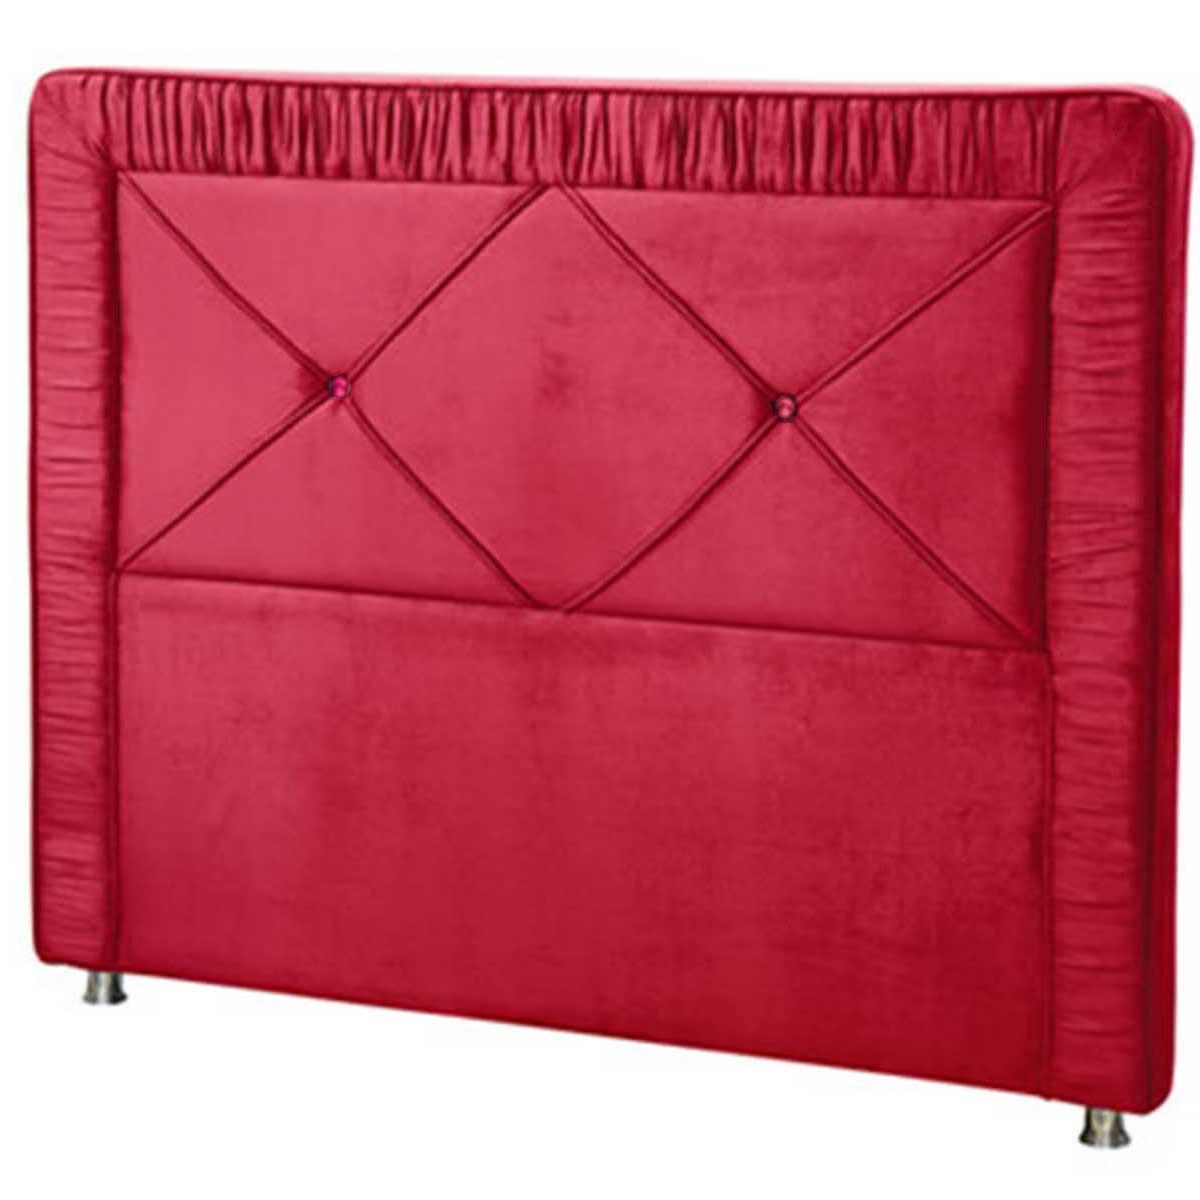 Cabeceira Athenas Queen 160 cm Vermelho Perfan Móveis